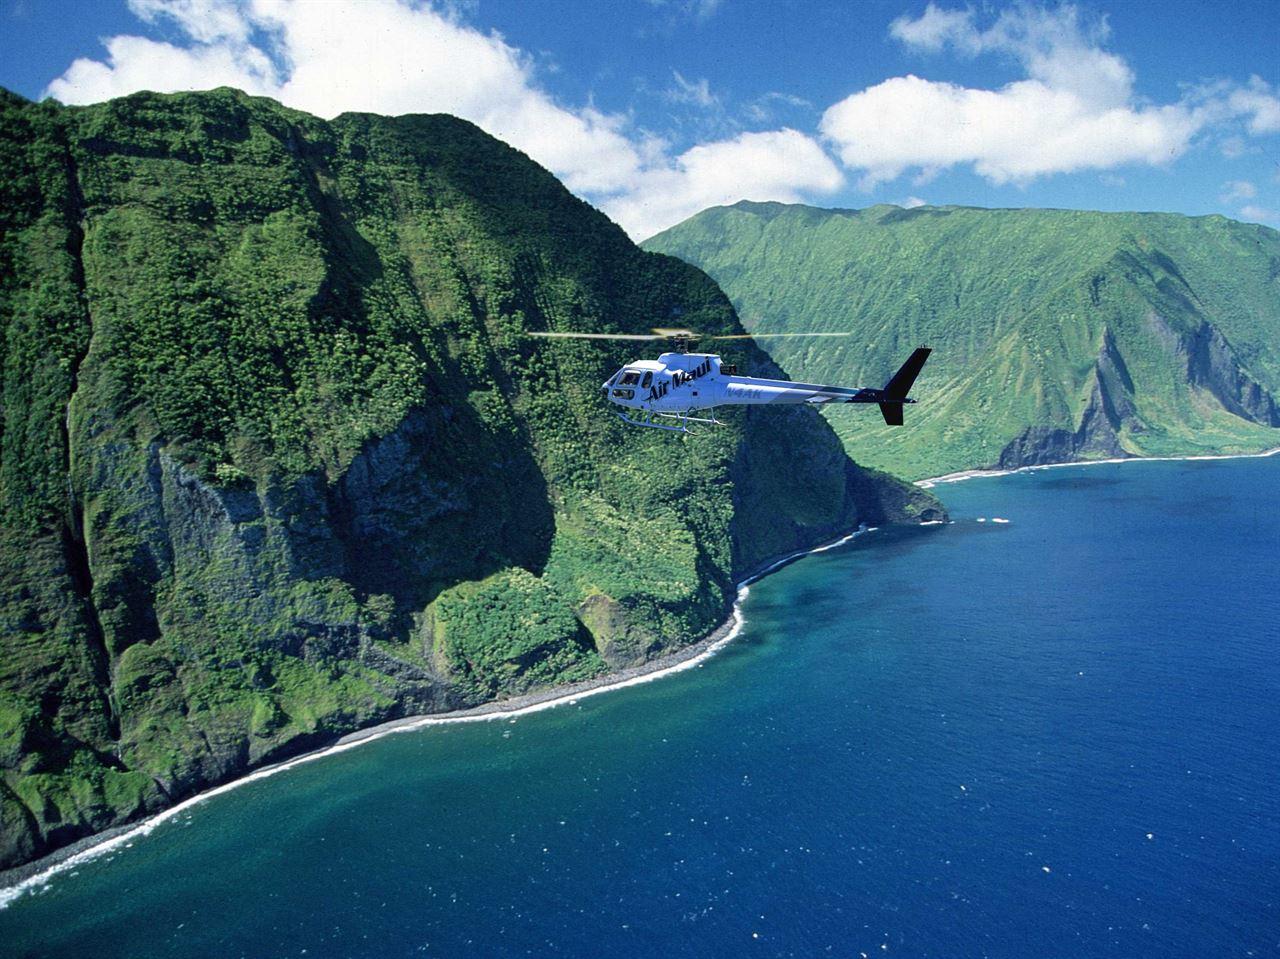 Air-Maui-Molokai-1.jpeg